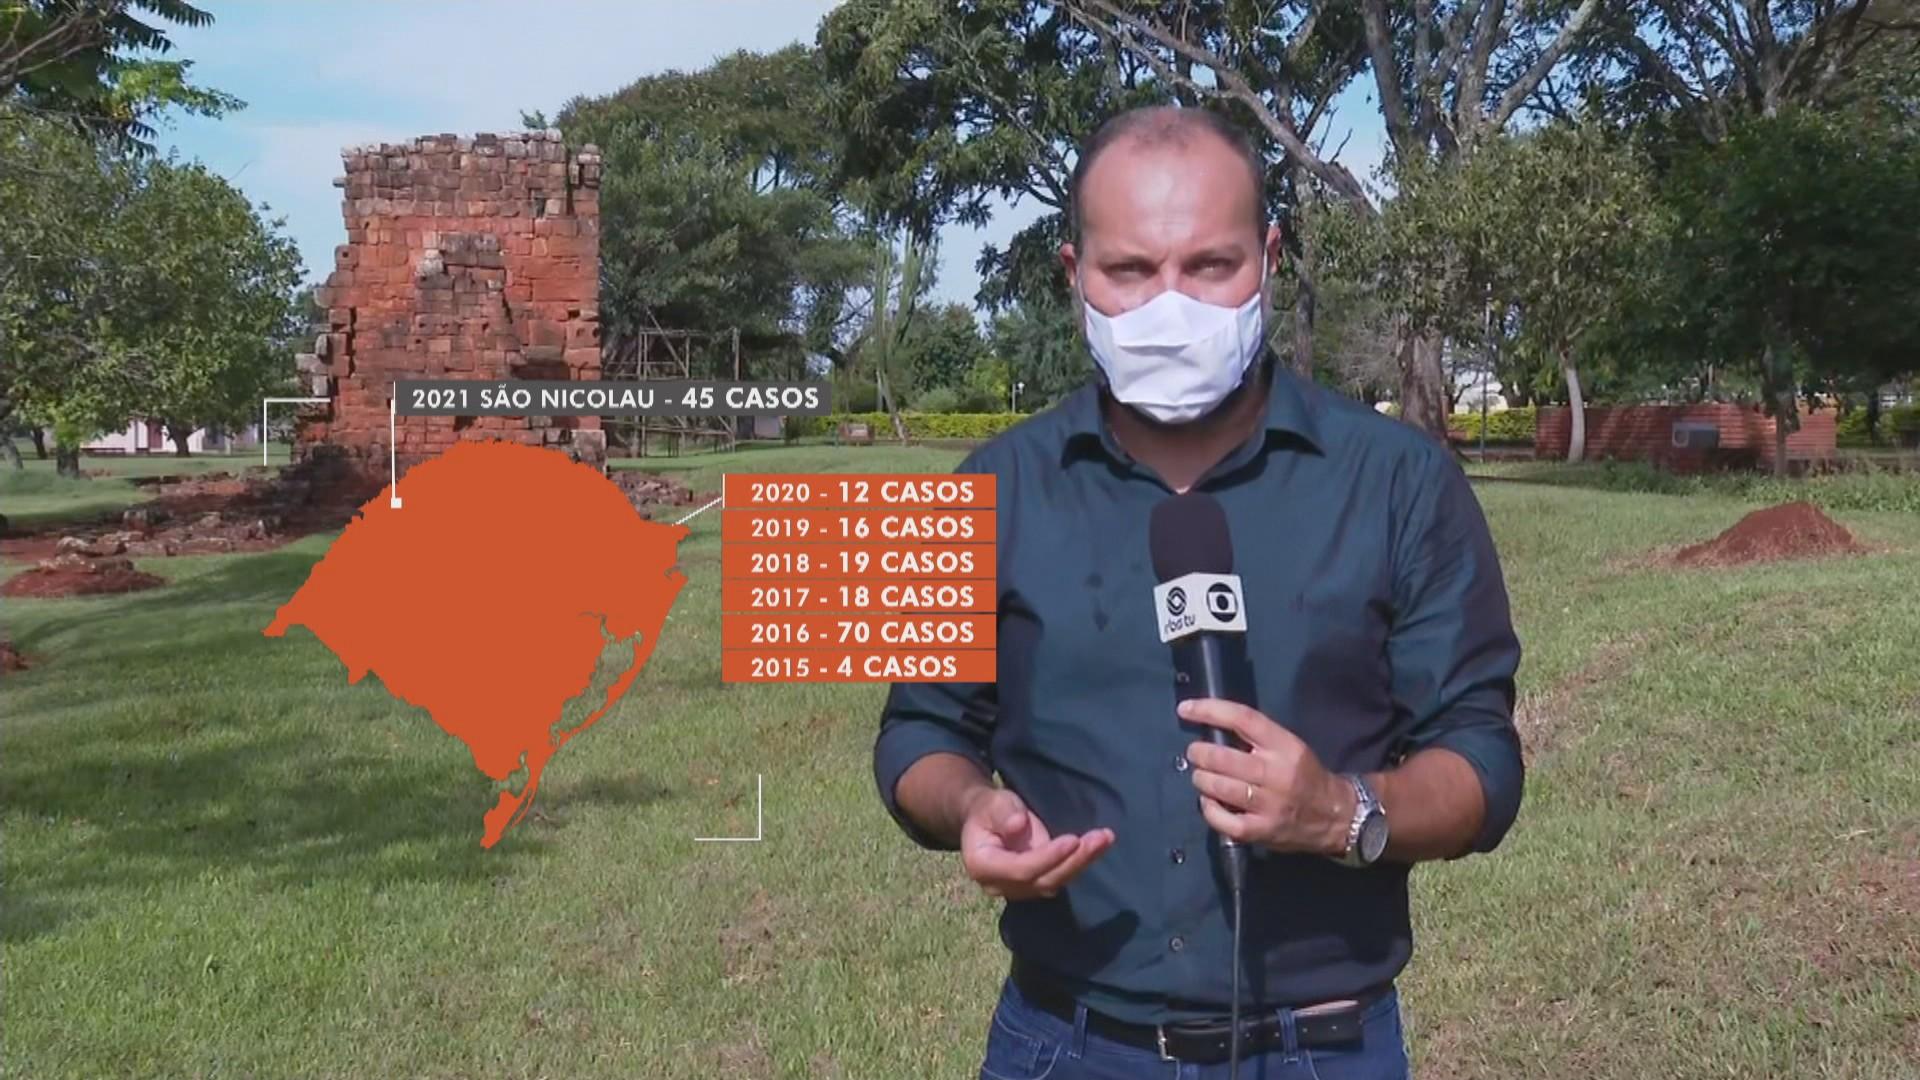 Surto de chikungunya é identificado em São Nicolau